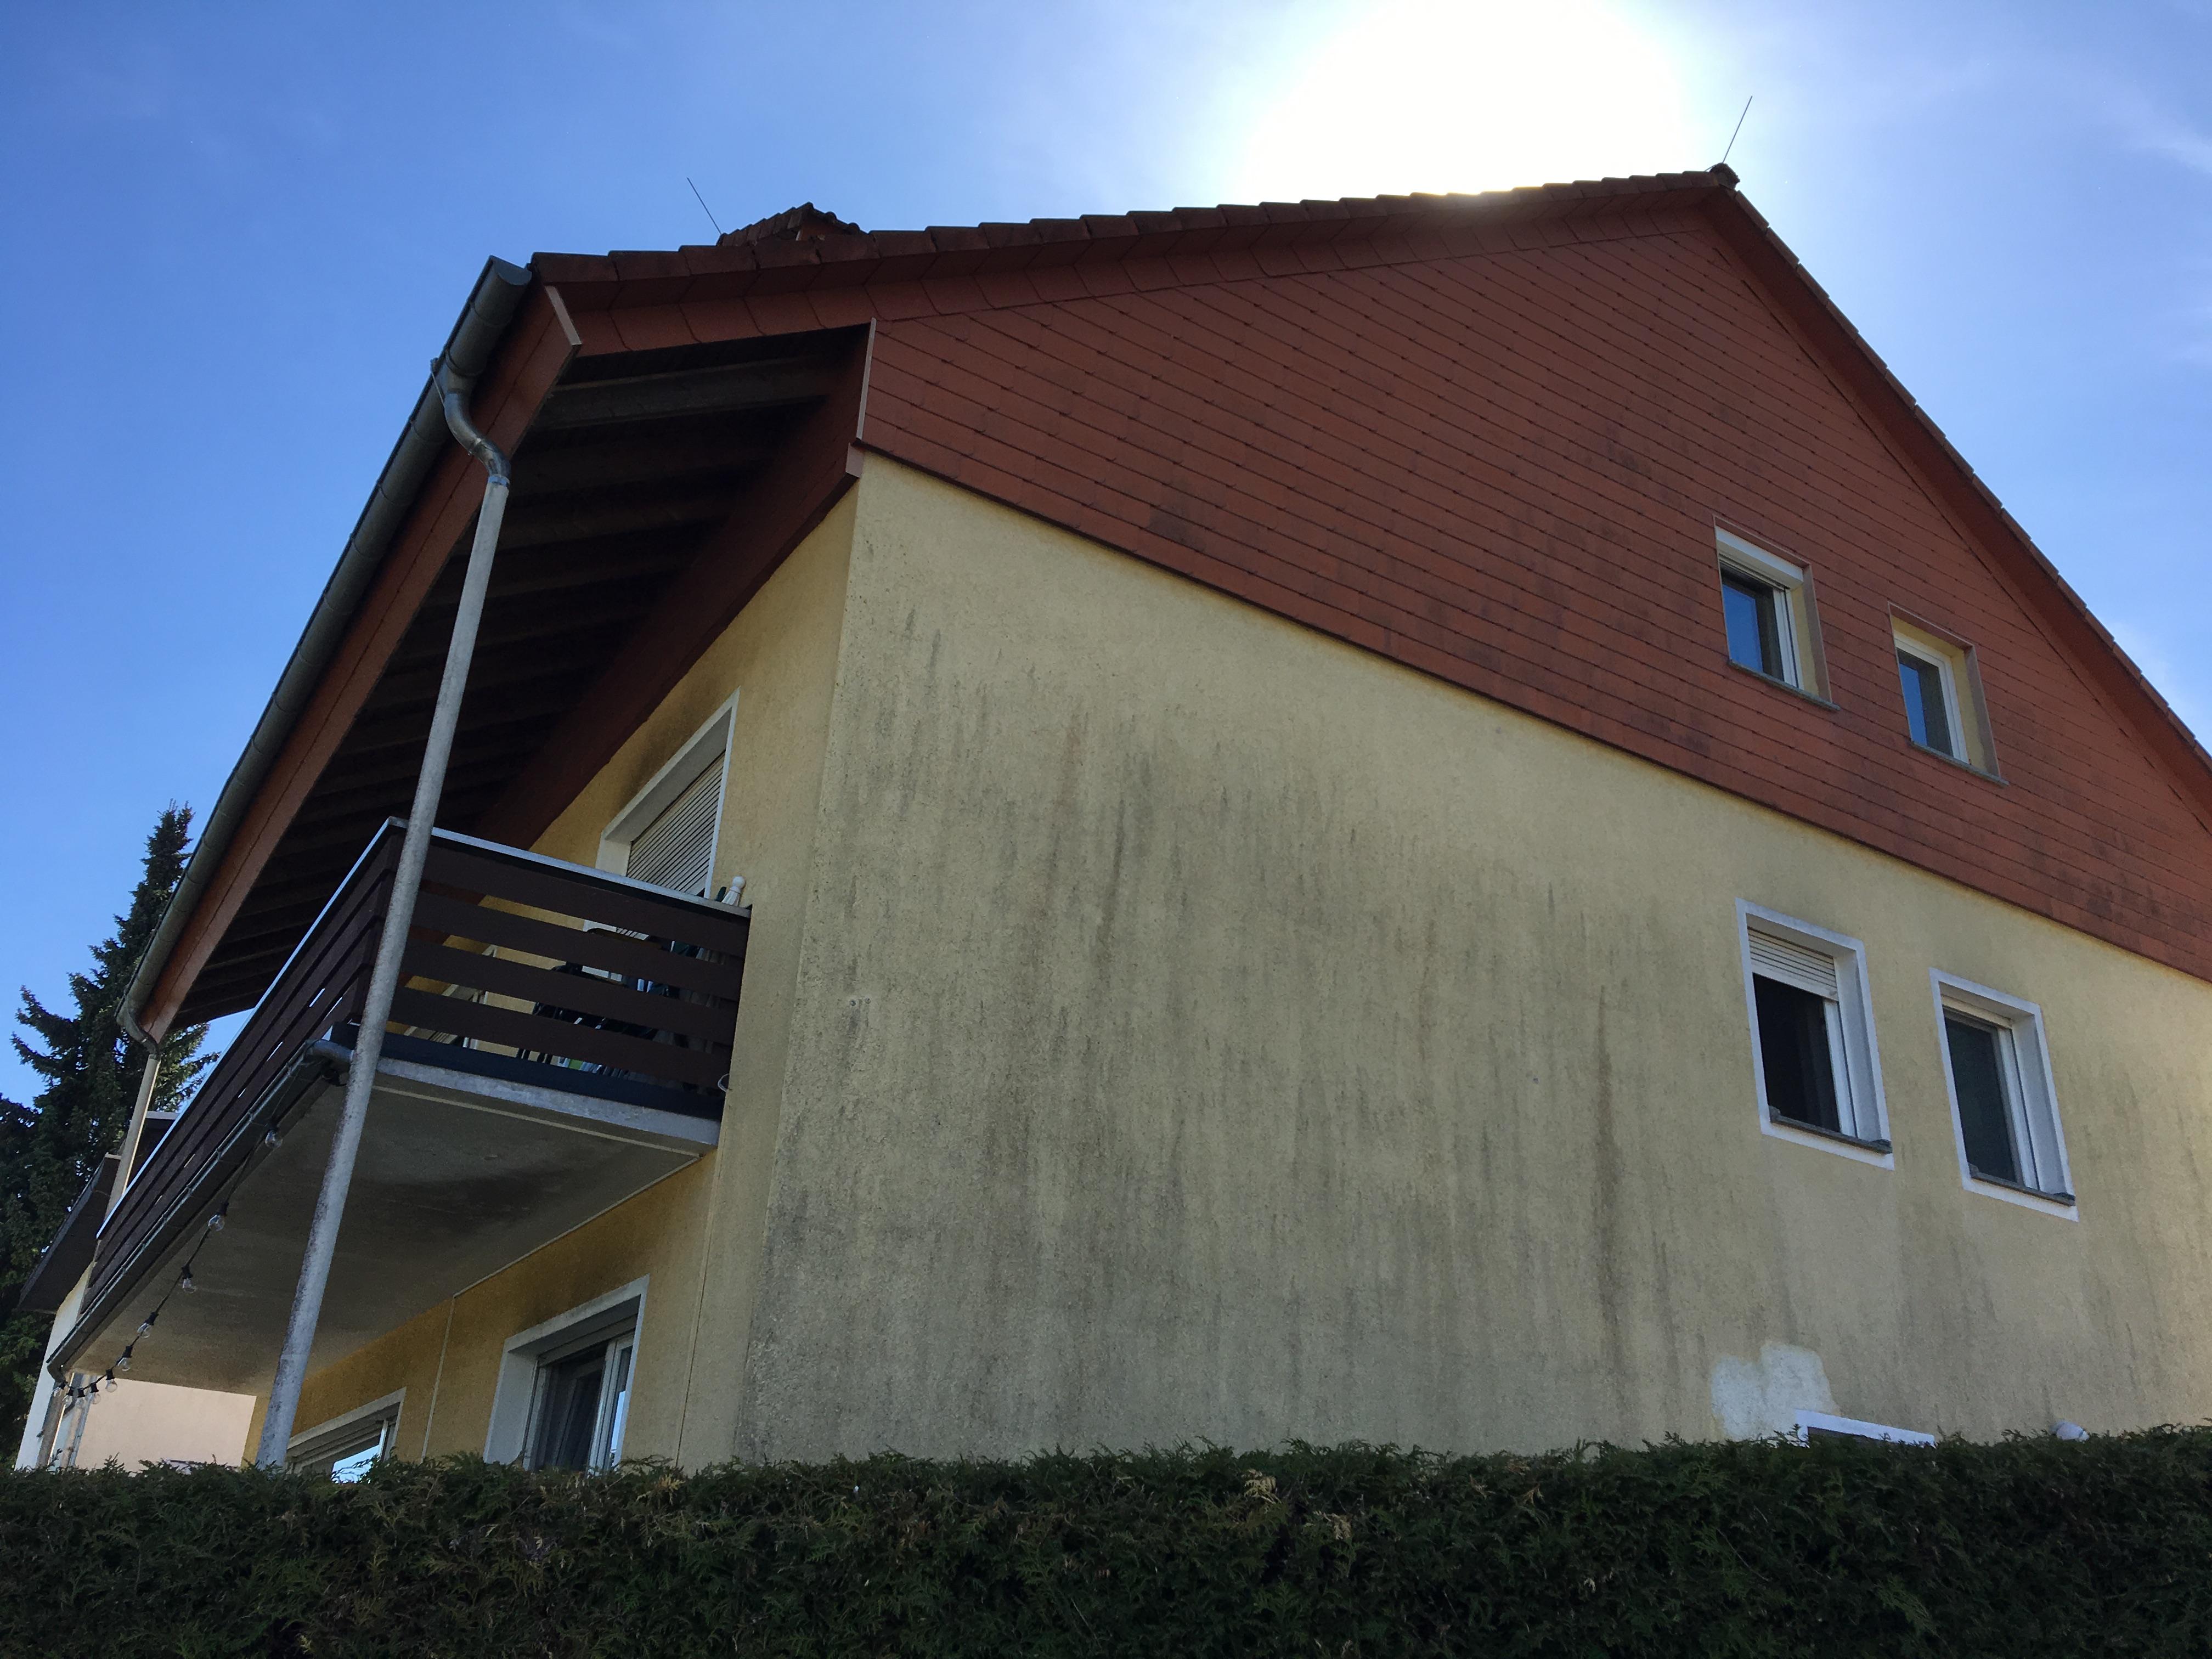 verunreinigten Fassade säubern